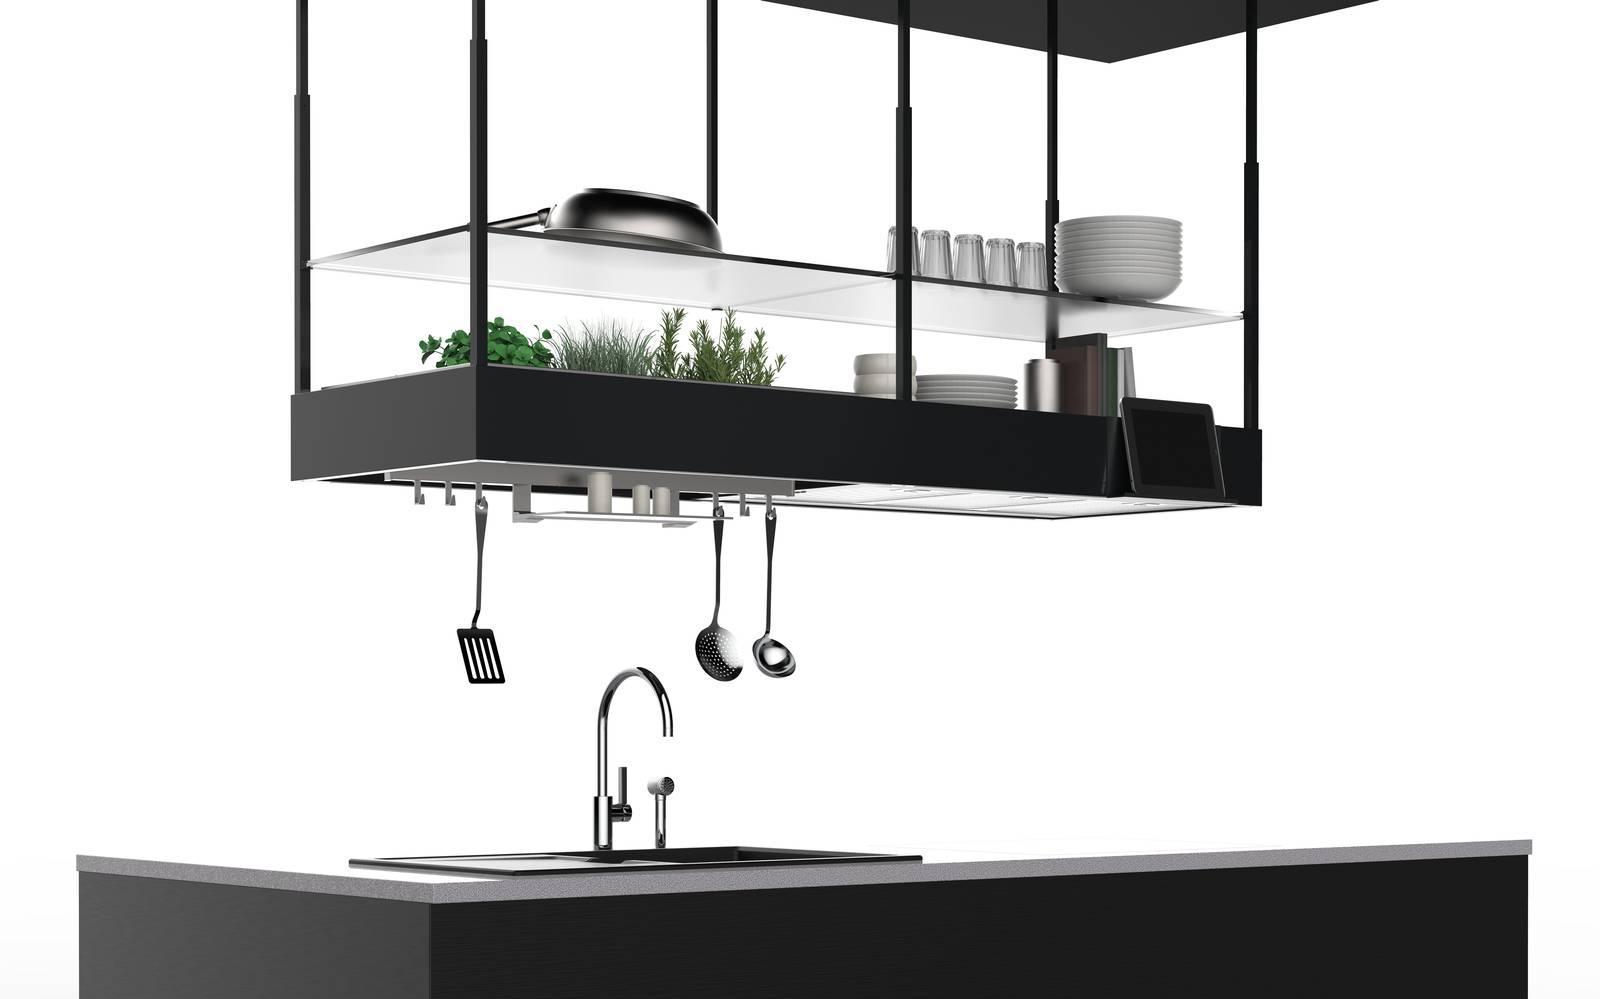 In cucina la cappa come elemento d 39 arredo le novit ad for Cappa cucina design